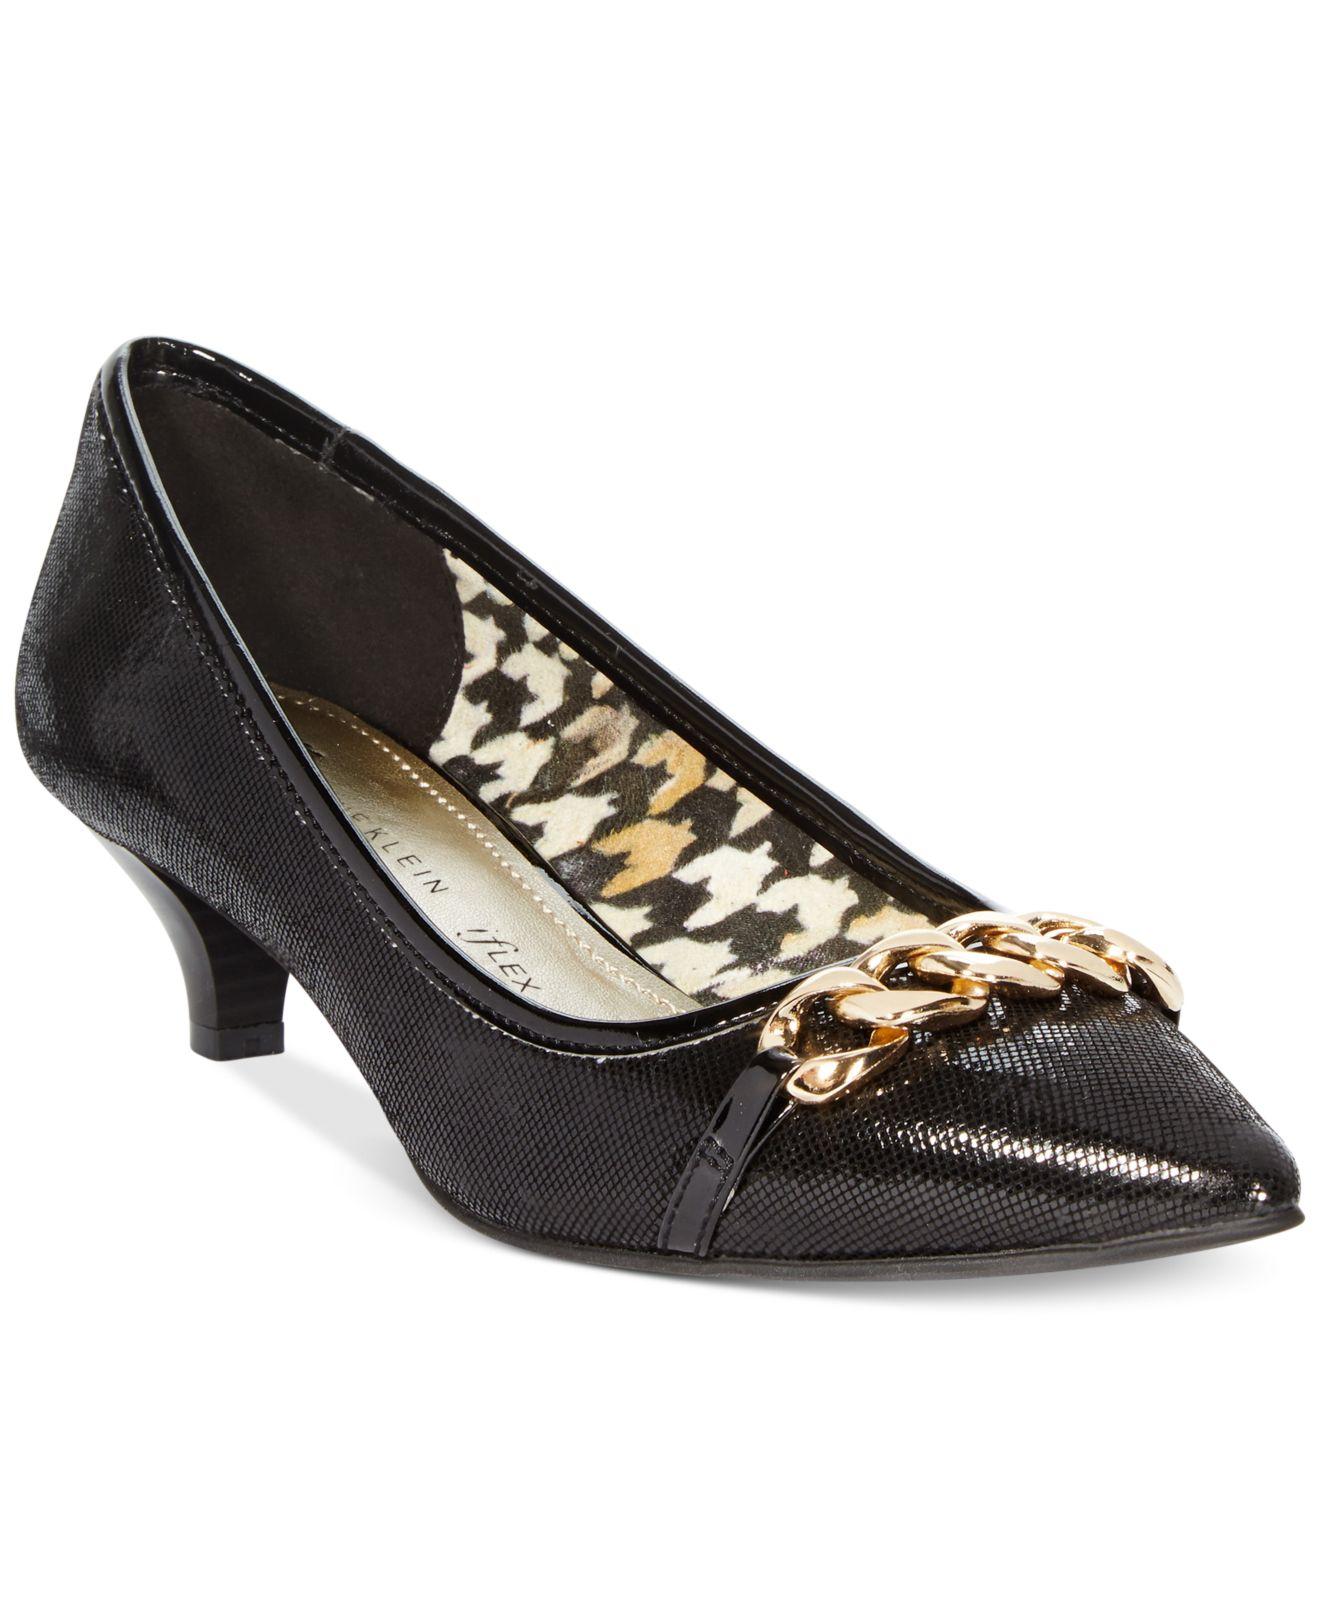 871e60e27a Anne Klein Mikaela Kitten Heel Pumps- A Macy'S Exclusive in Black - Lyst